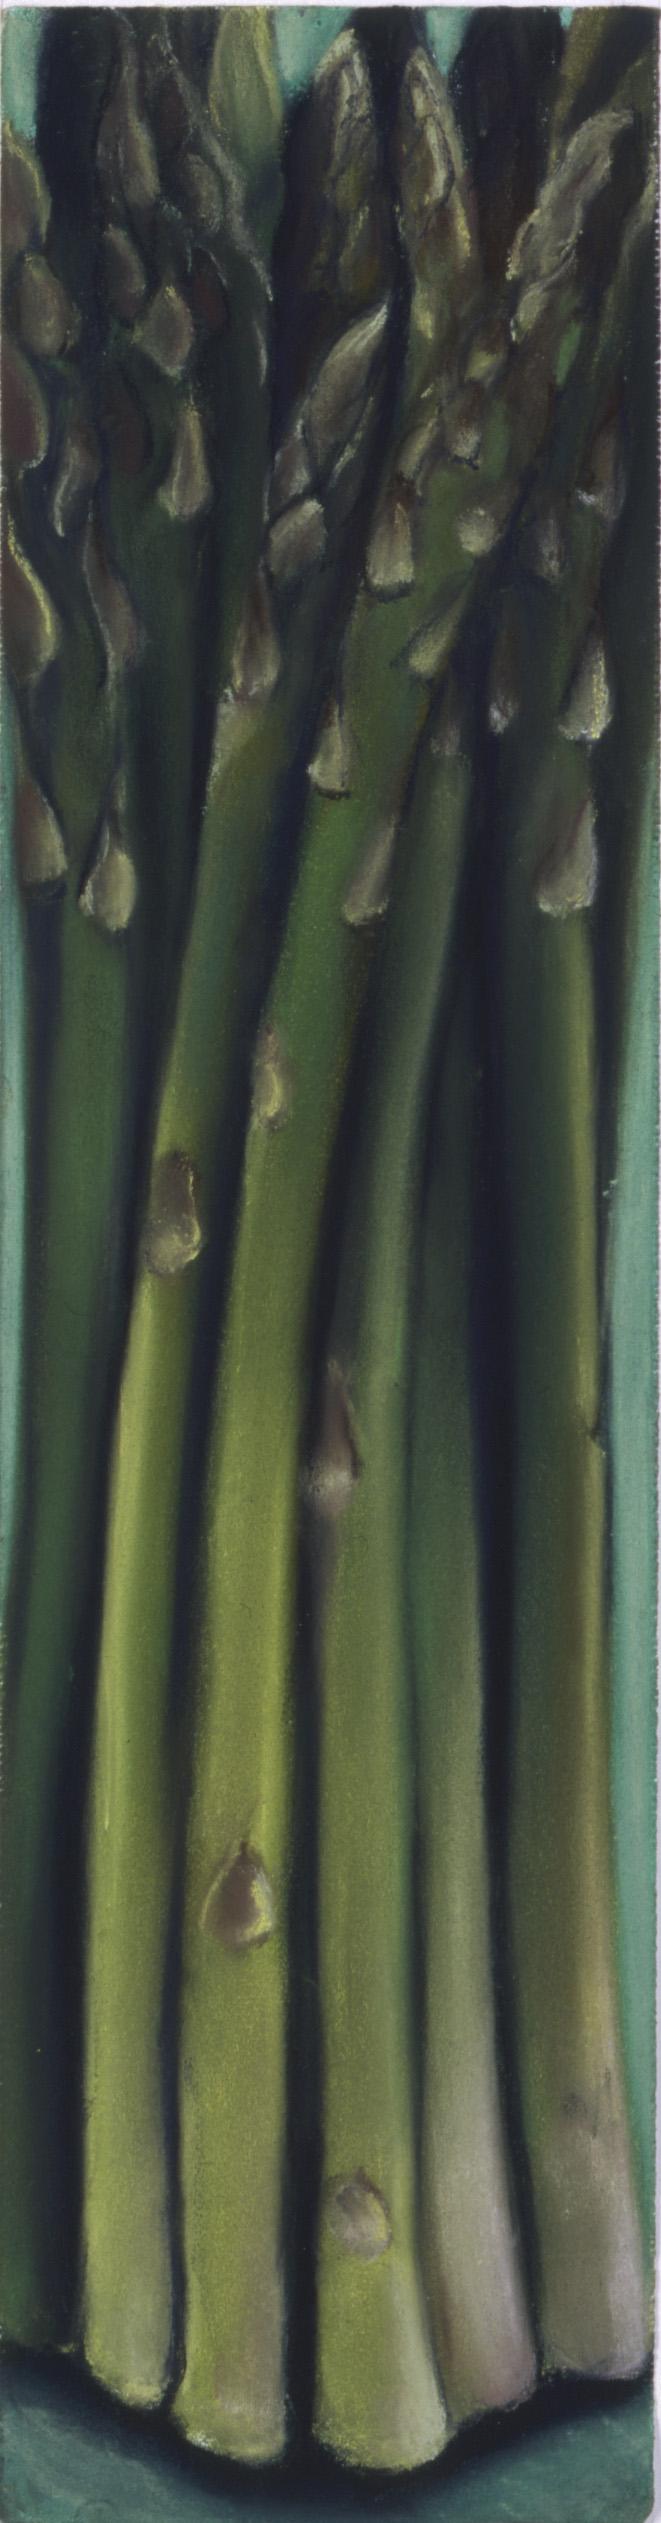 FV-Asparagus 1TP.jpg